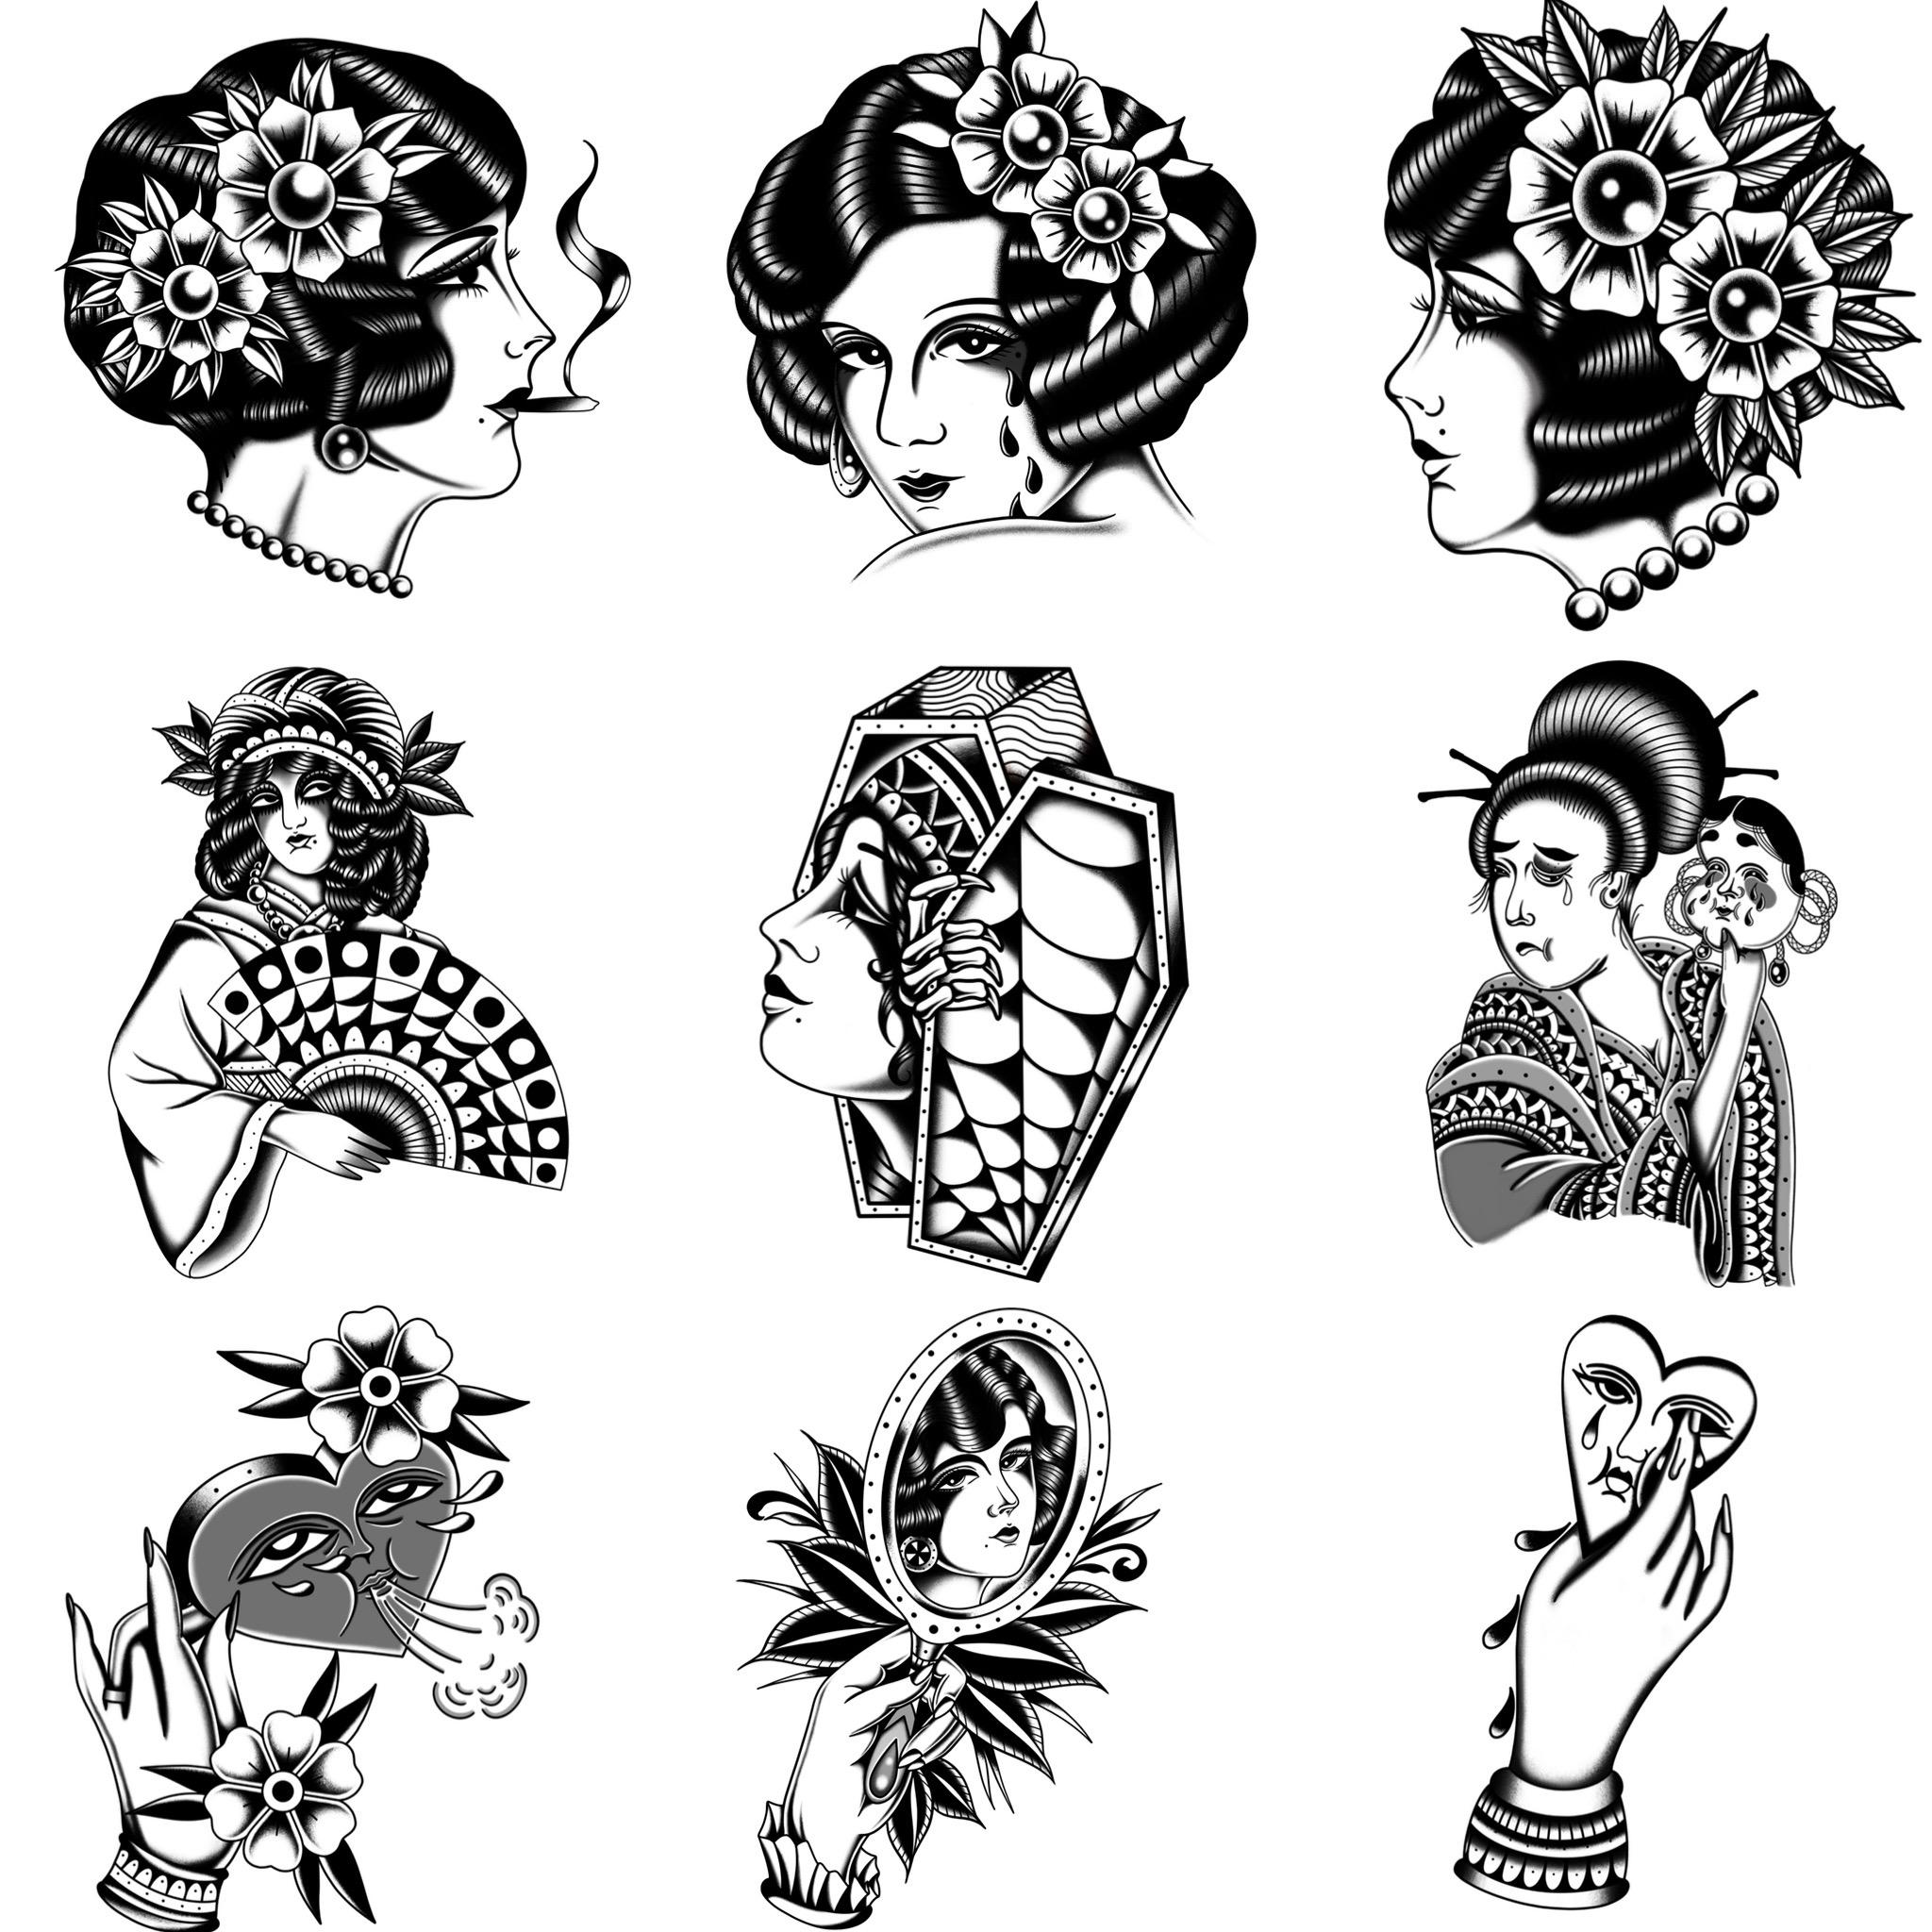 ブラックトラディショナル タトゥーを入れたいけど、デザインが決まらない方/遠方からだから通うのが大変な方/このデザイン入れたい!方にオススメ!! 《東京タトゥースタジオ》